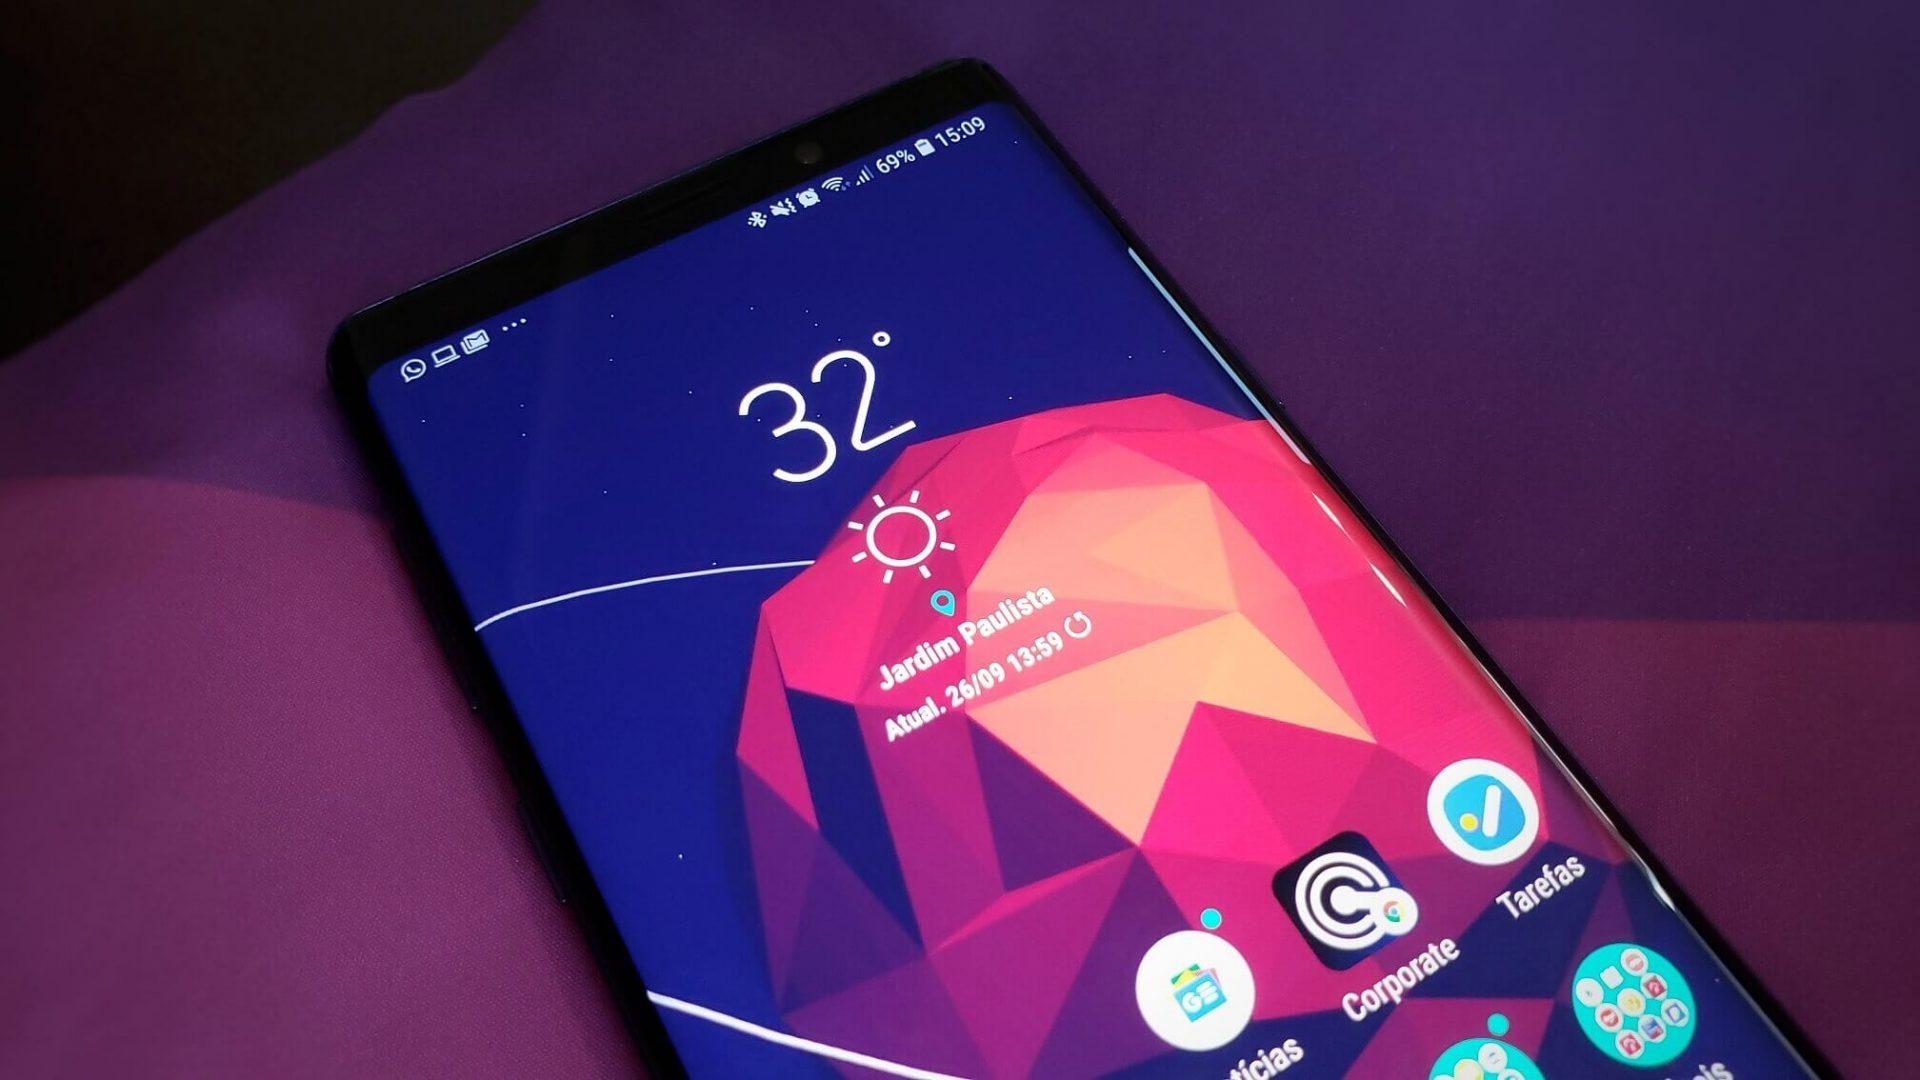 20180926 130905 01 - Samsung City: por dentro das tecnologias usadas nos smartphones da empresa